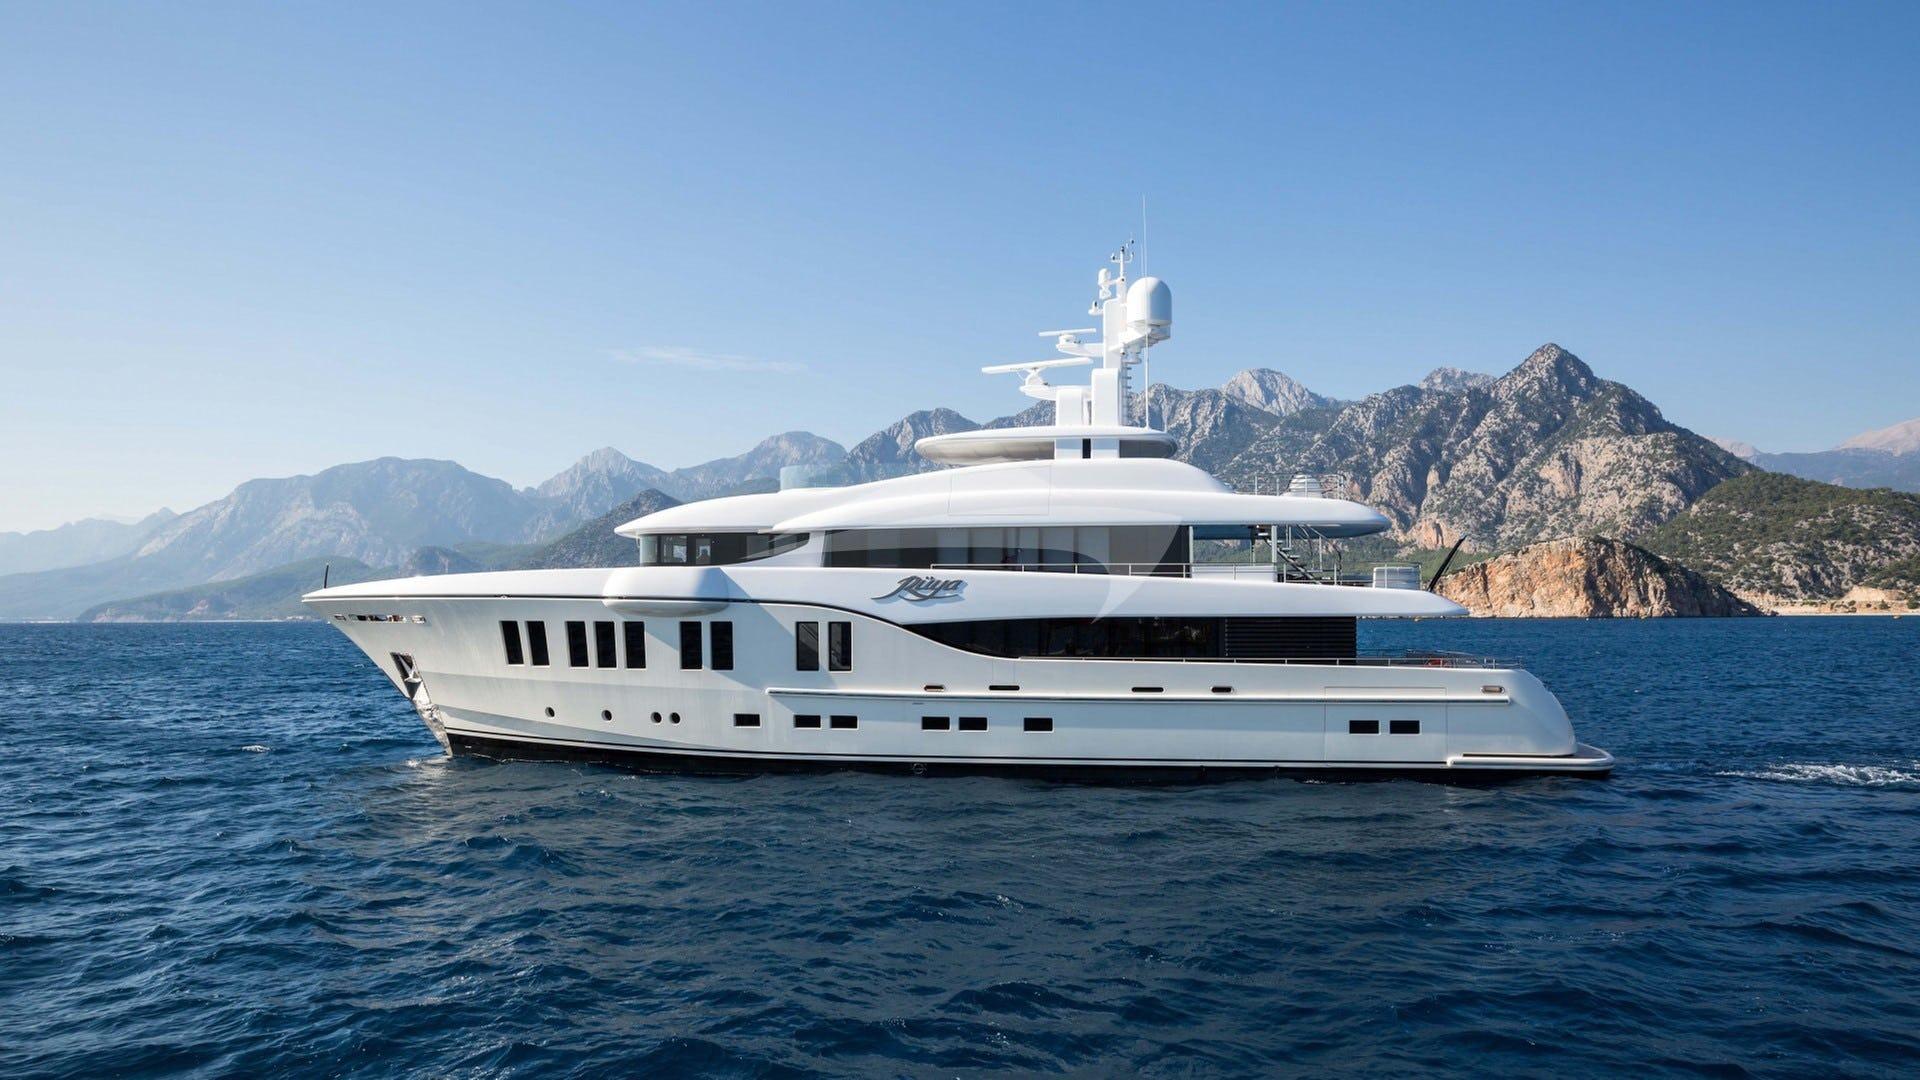 Yacht RUYA Charter Yacht